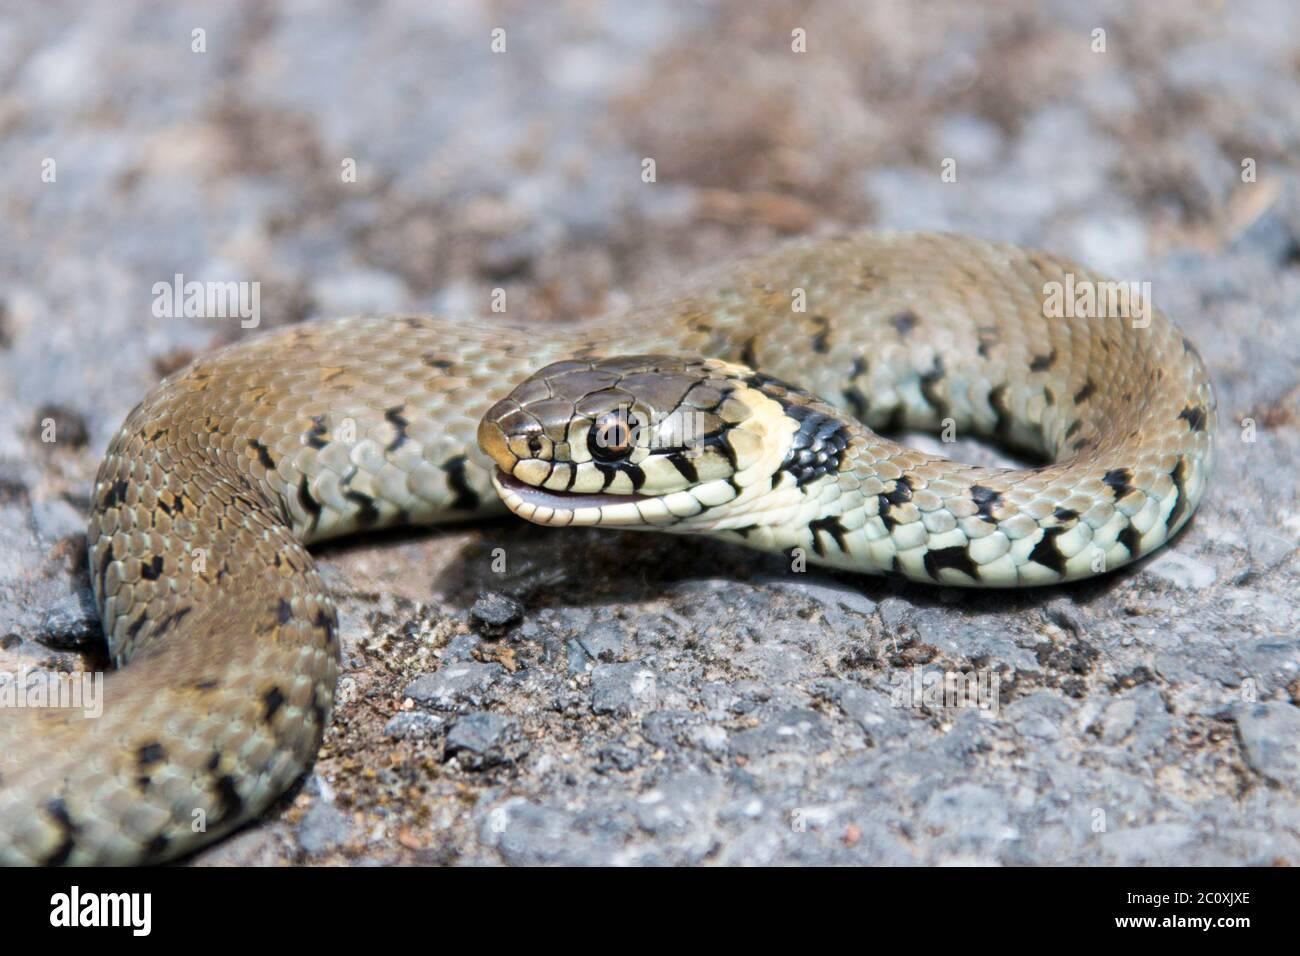 Hierba serpiente, Natrix natrix, cogida por un gato. Foto de stock